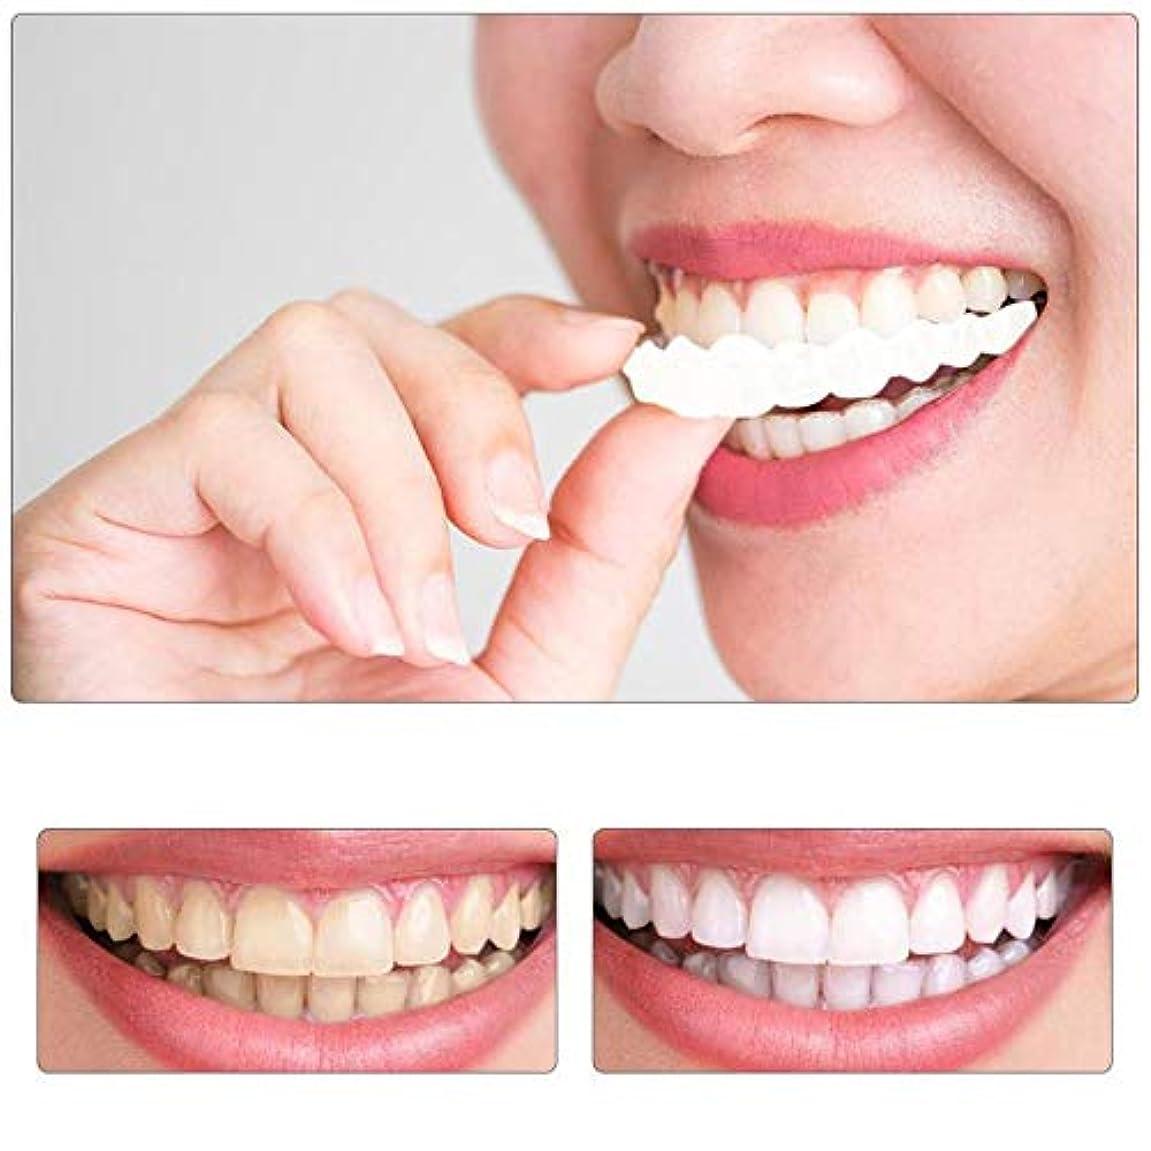 ヒューズ洗練されたしなやかな1ペア偽歯上部偽偽歯カバースナップオン即時歯化粧品義歯ケアオーラルケアプラスチックホワイトニング義歯